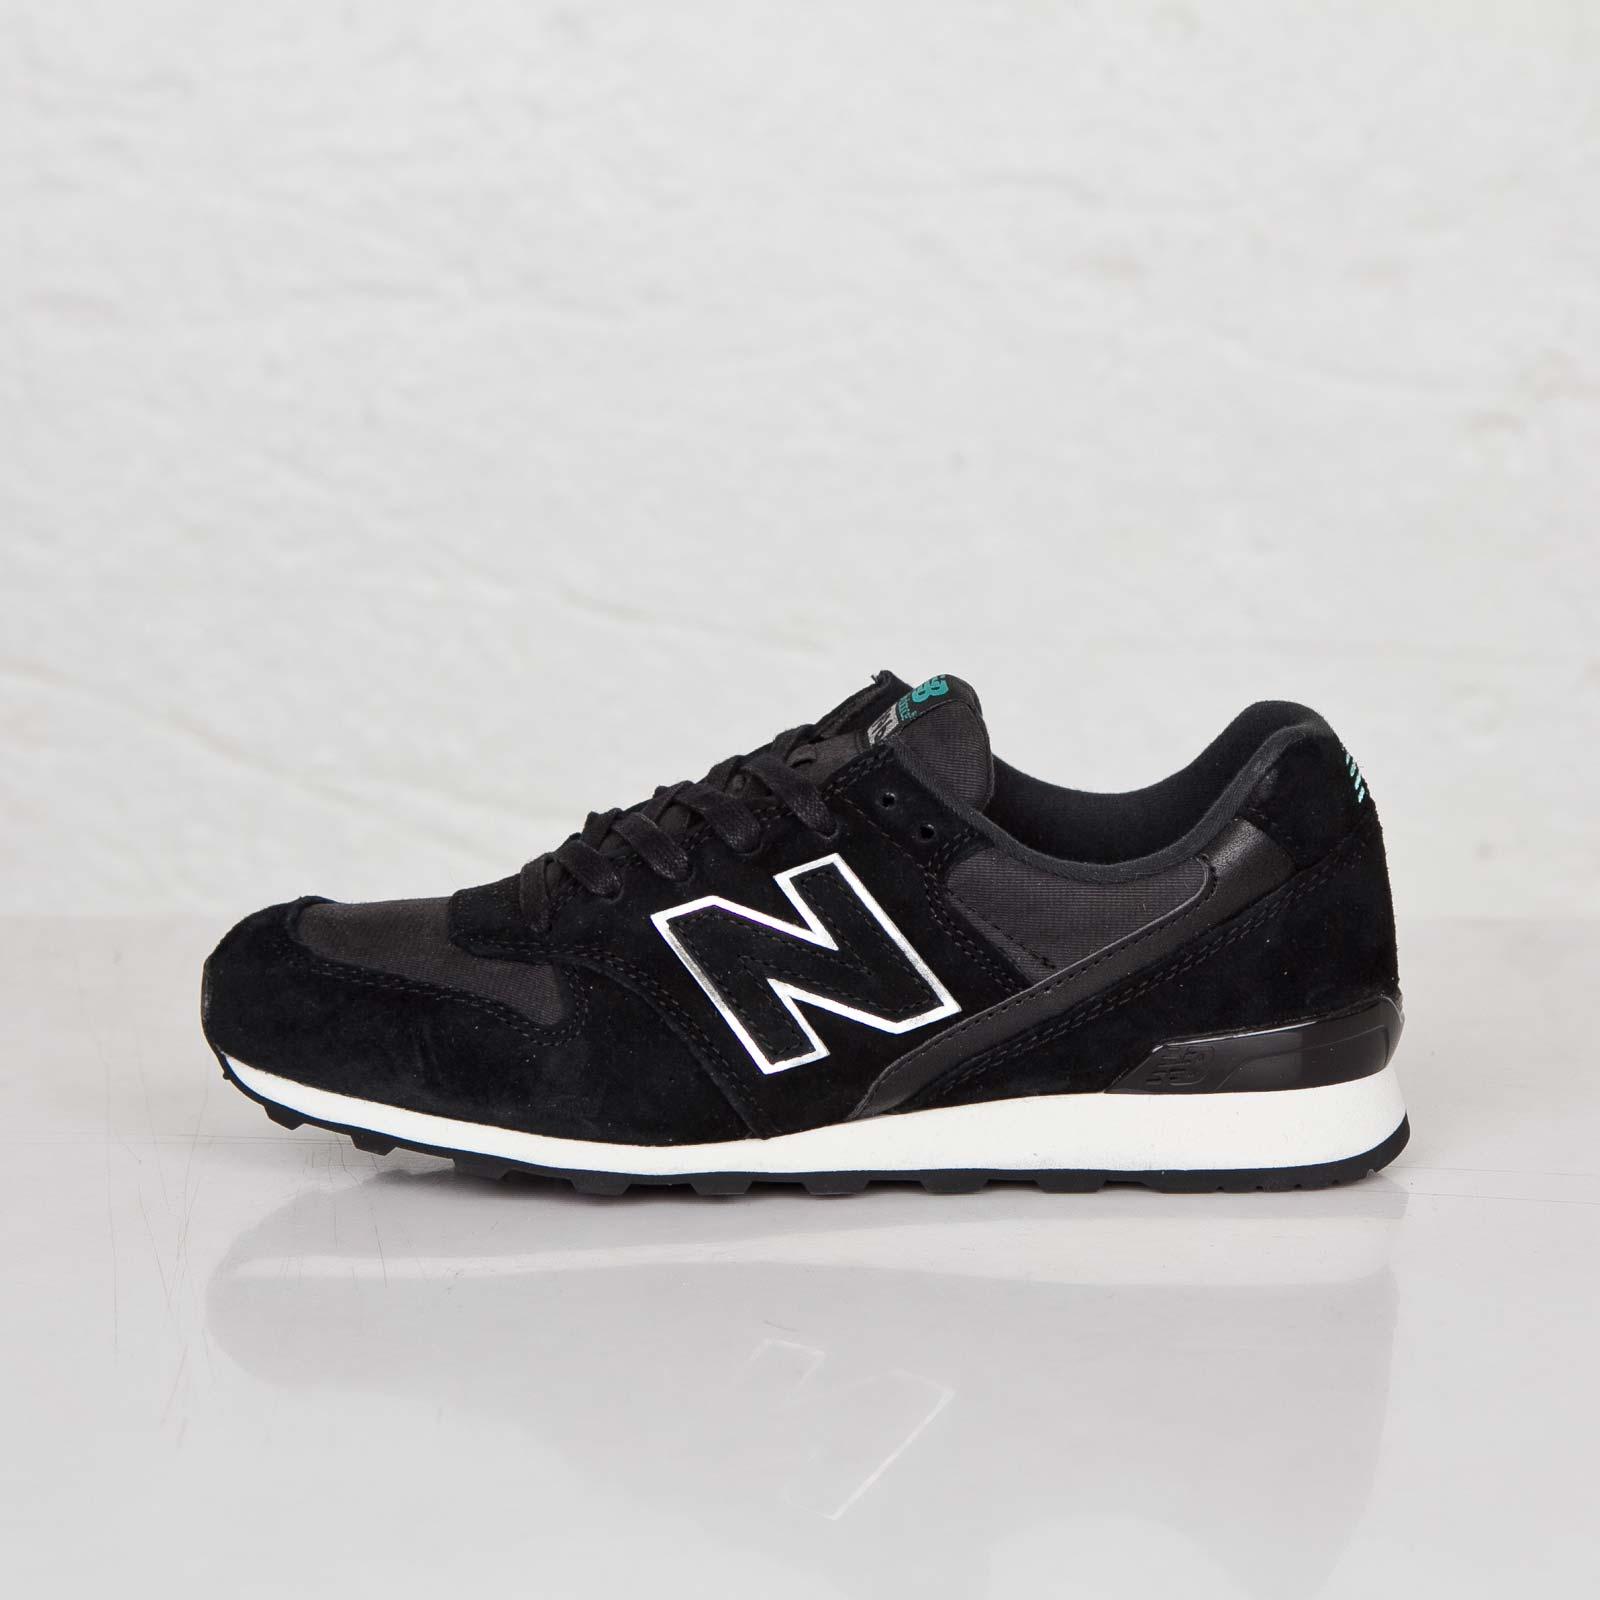 91a4e7f4 New Balance WR996 - Wr996ef - Sneakersnstuff | sneakers & streetwear online  since 1999